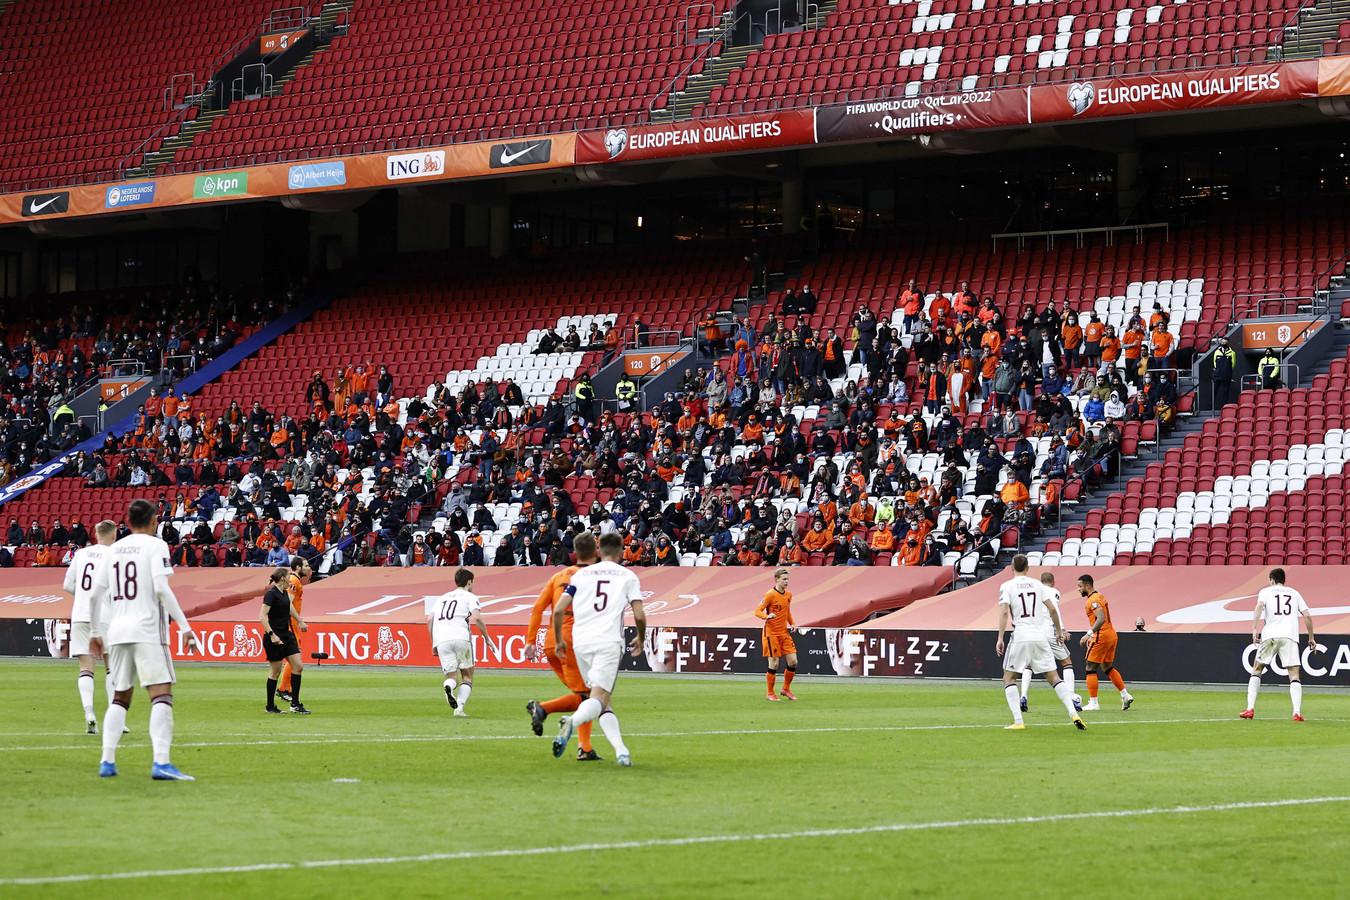 Supporters tijdens de wedstrijd tussen Nederland en letland in de Johan Cruijff ArenA.